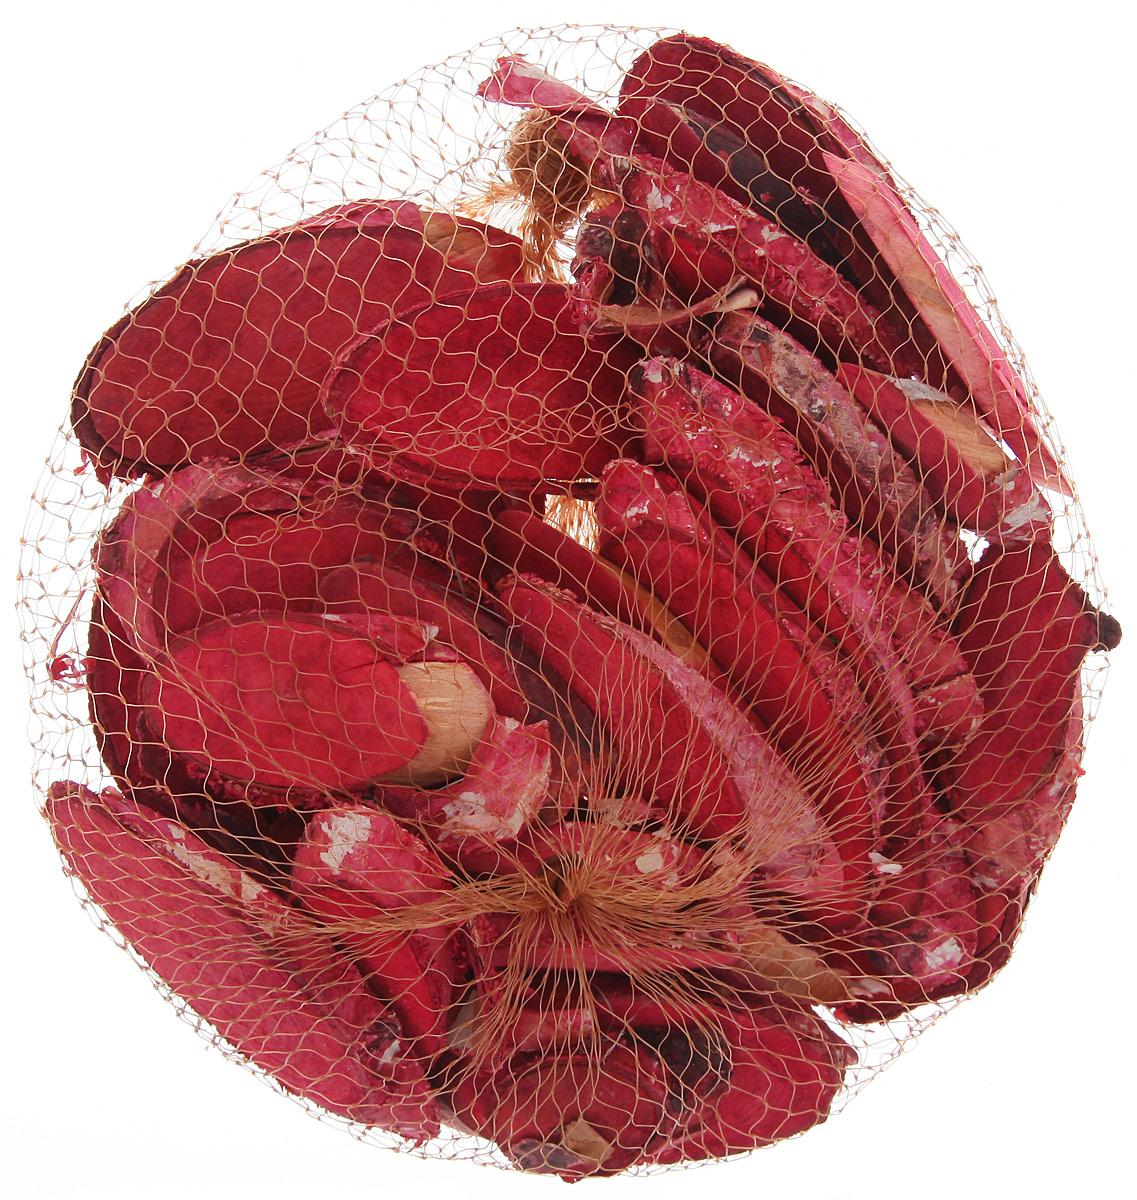 Декоративный элемент Dongjiang Art Срез ветки, цвет: красный, толщина 7 мм, 250 г7708981_красныйДекоративный элемент Dongjiang Art Срез ветки изготовлен из дерева. Изделие предназначено для декорирования. Срез может пригодиться во флористике и многом другом. Декоративный элемент представляет собой тонкий срез ветки. Флористика - вид декоративно-прикладного искусства, который использует живые, засушенные или консервированные природные материалы для создания флористических работ. Это целый мир, в котором есть место и строгому математическому расчету, и вдохновению, полету фантазии. Толщина среза: 7 мм.